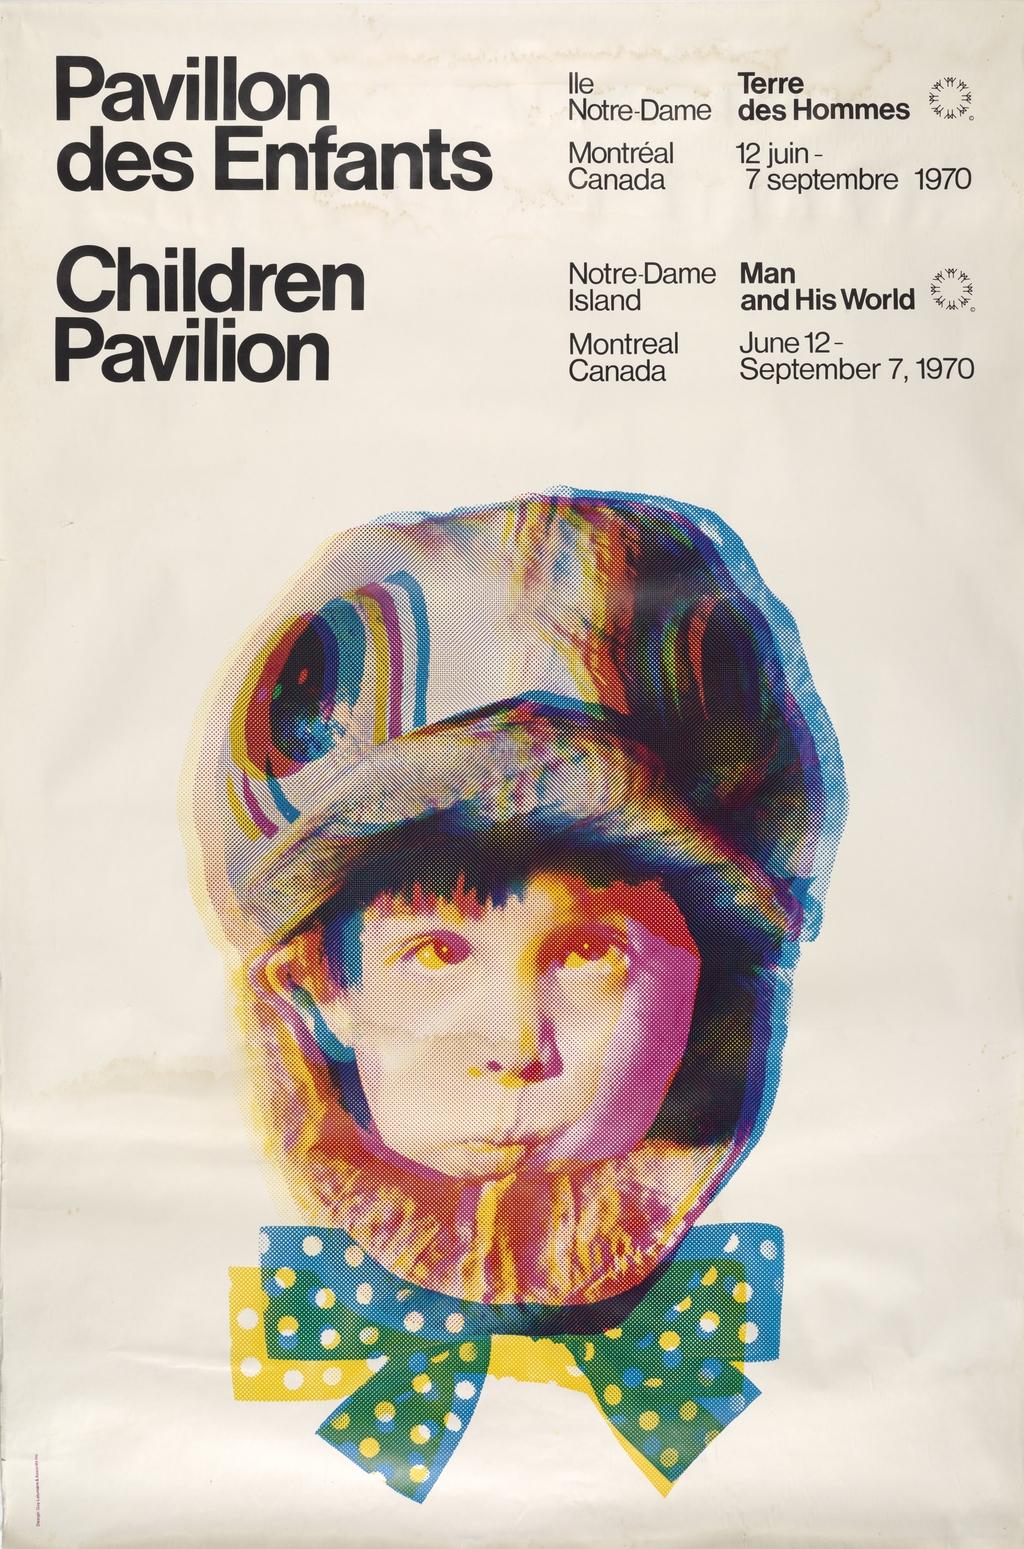 Pavillon des Enfants